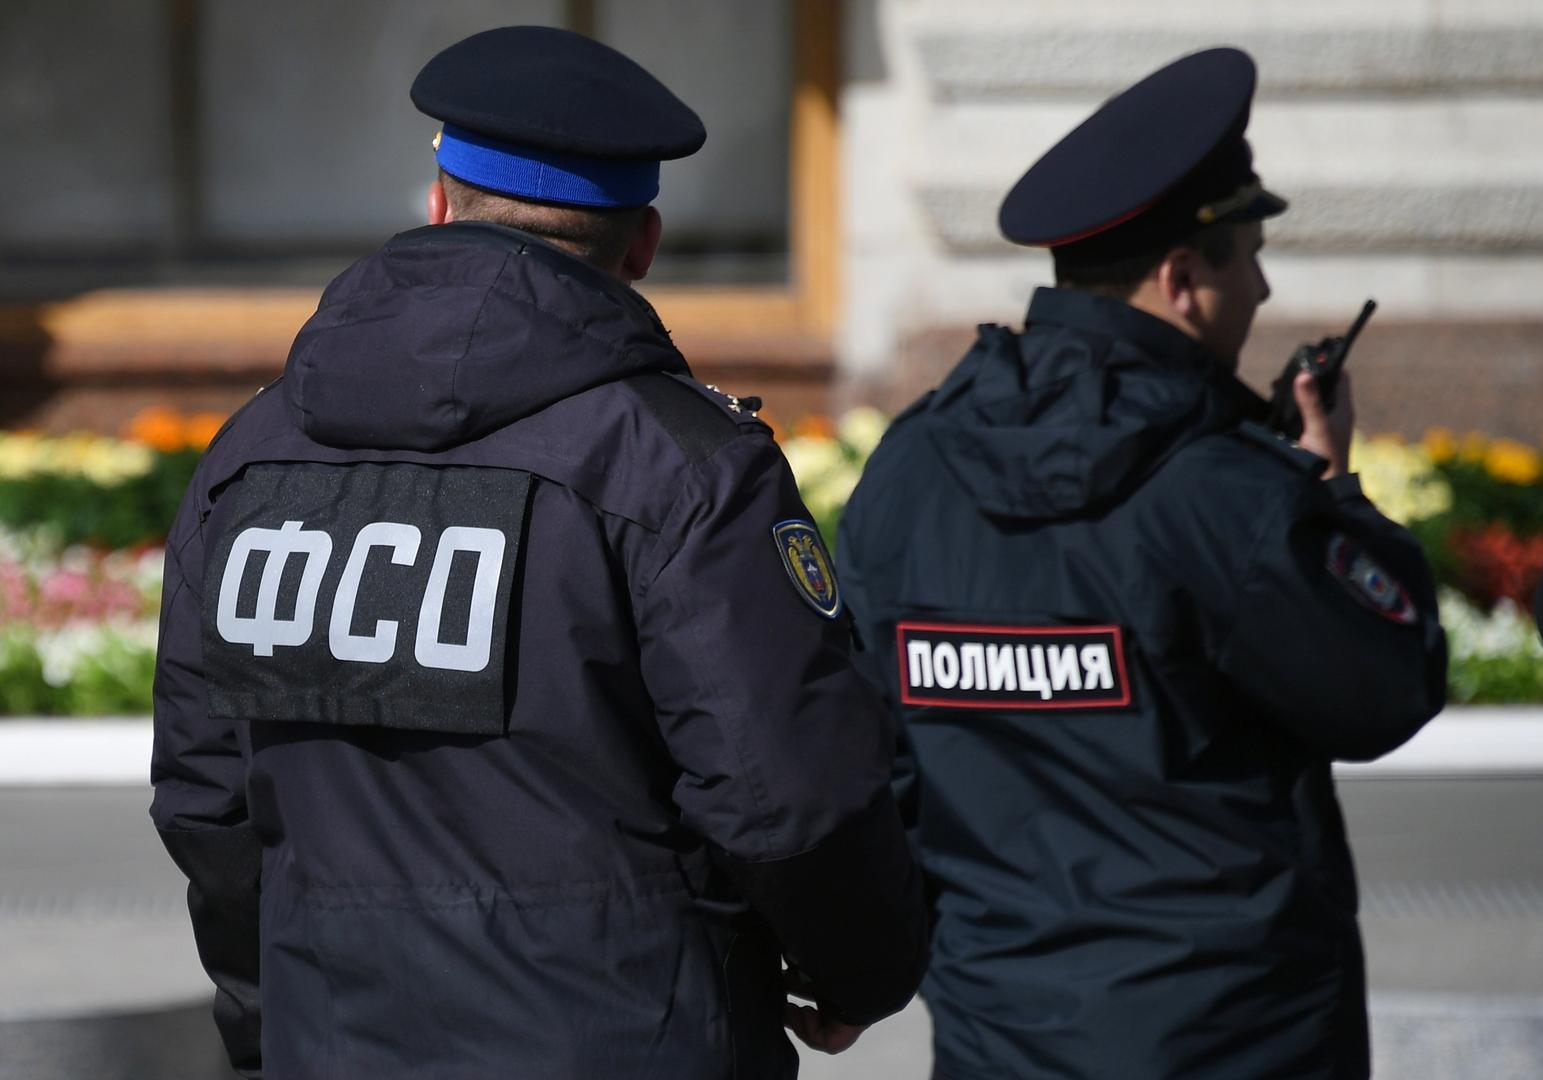 عنصران من هيئة الحراسة الفدرالية على الساحة الحمراء في موسكو